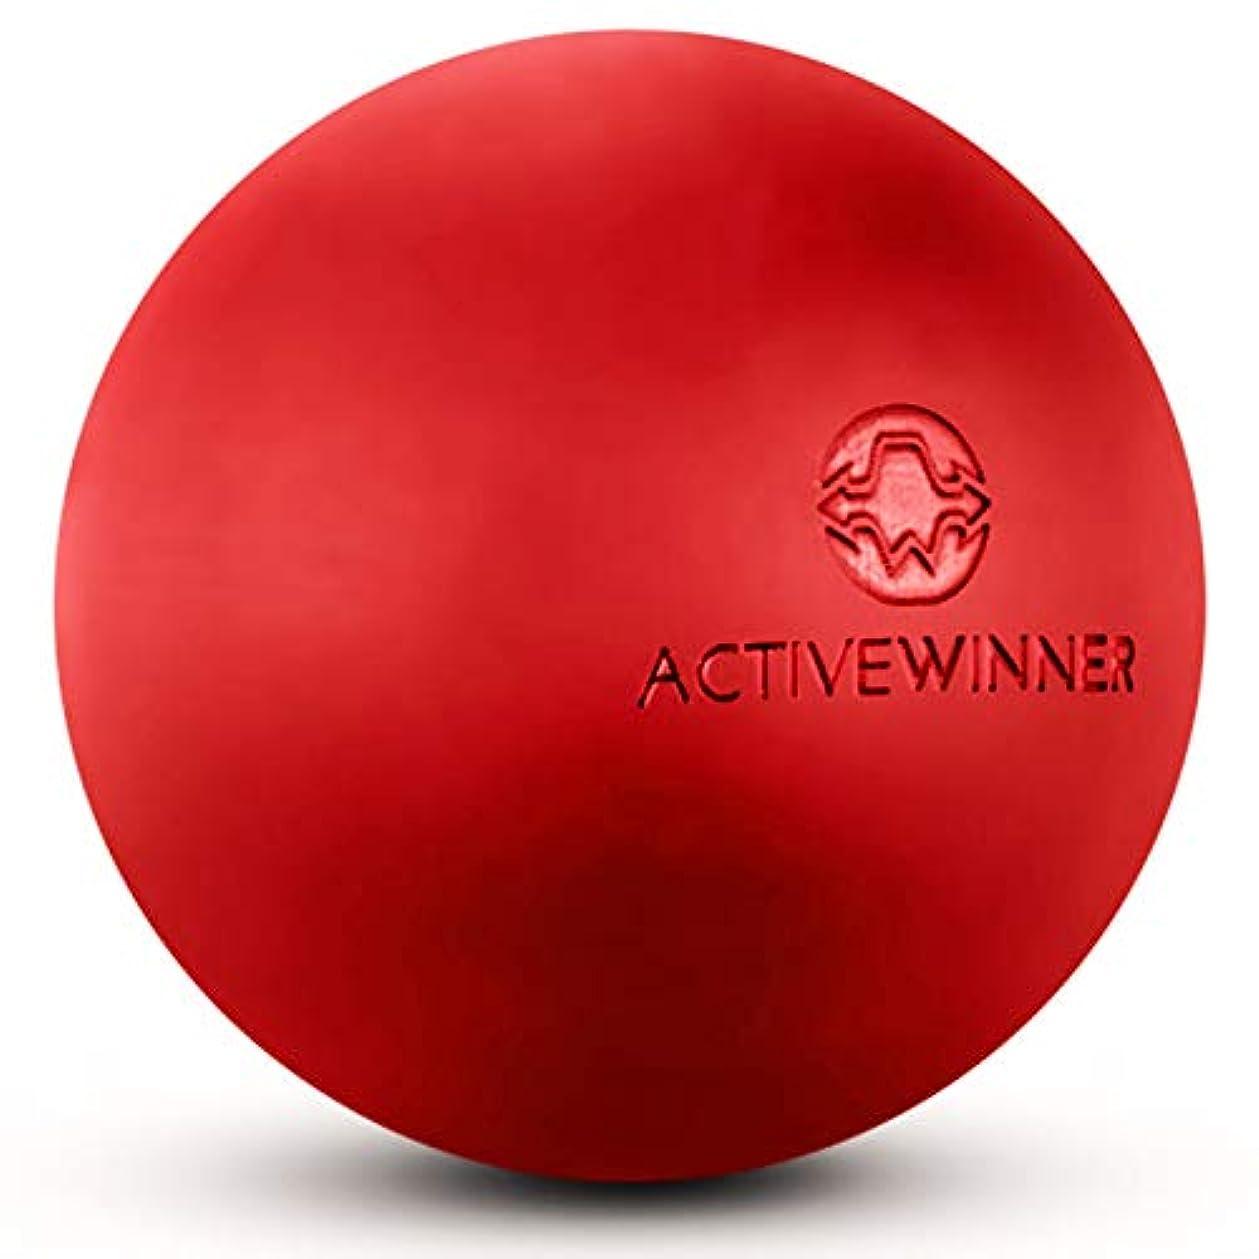 ポジション気づく高揚したActive Winner マッサージボール トリガーポイント (レッド) ストレッチボール 筋膜リリース トレーニング 背中 肩こり 腰 ふくらはぎ 足 ツボ押し